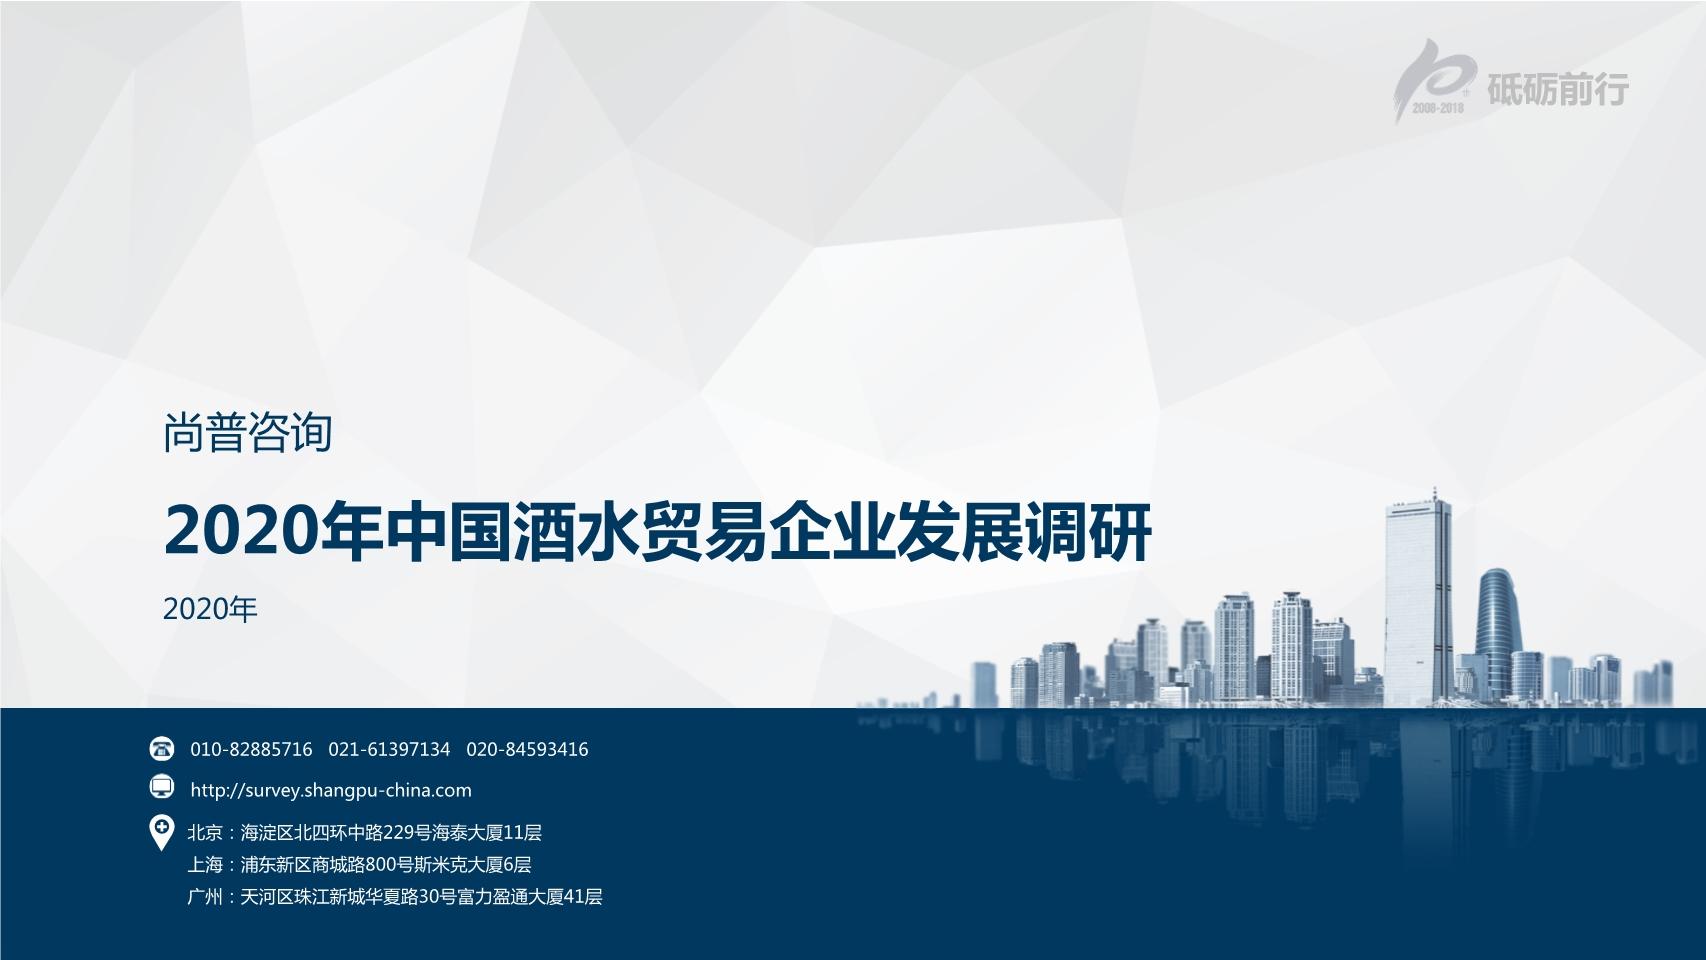 尚普咨询-2020年中国酒水贸易企业发展调研